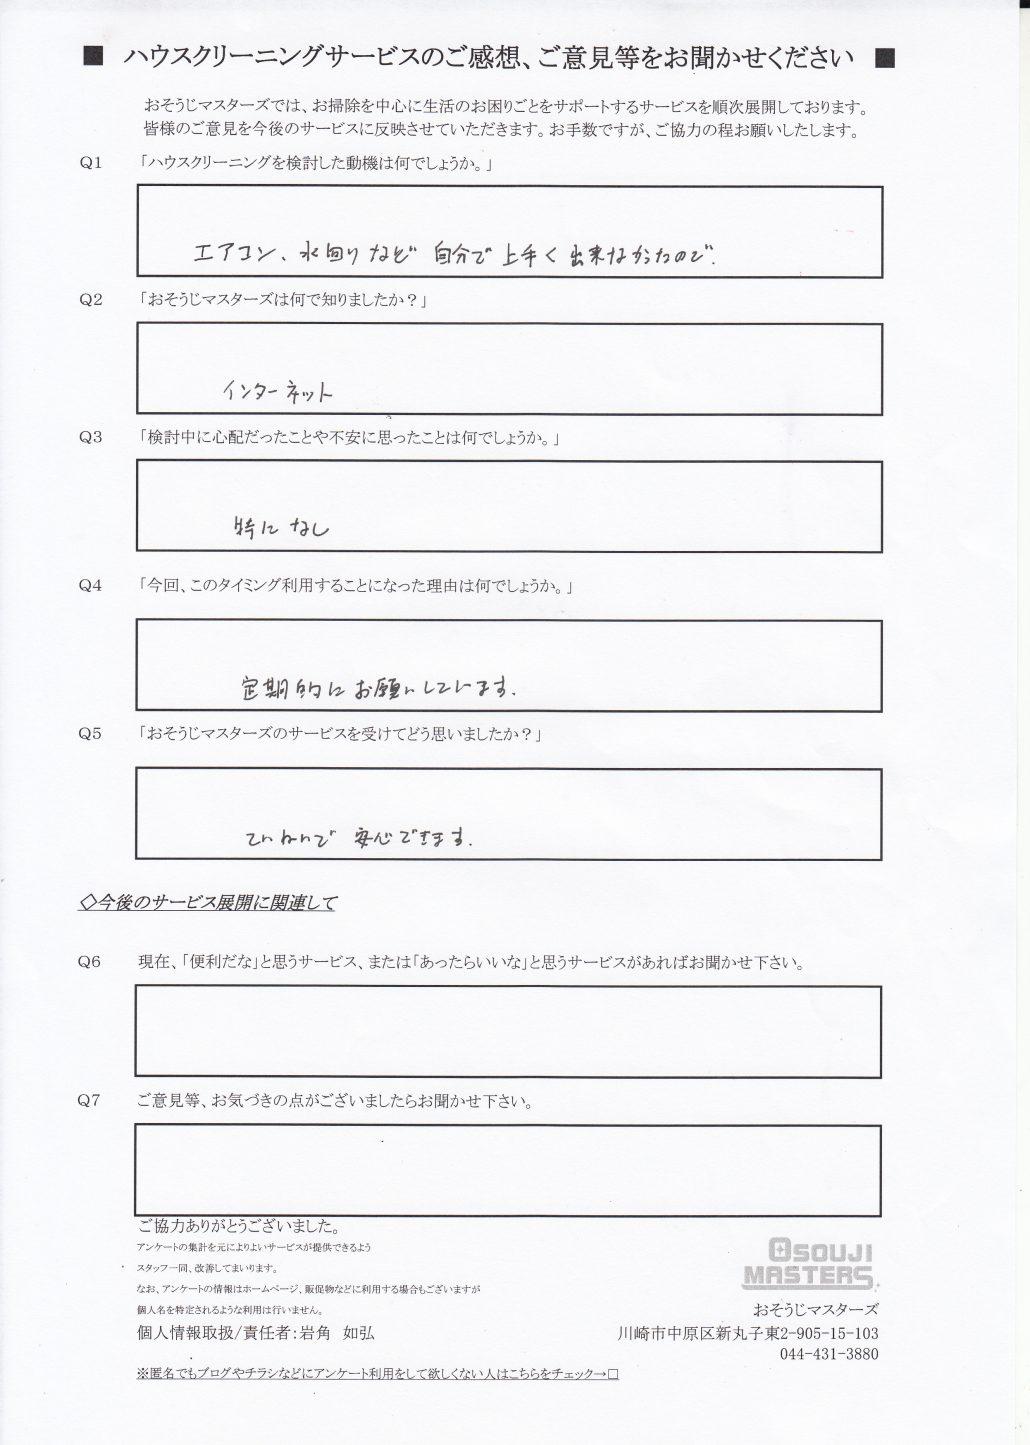 2018/08/13 マンション全体クリーニング 横浜市中区